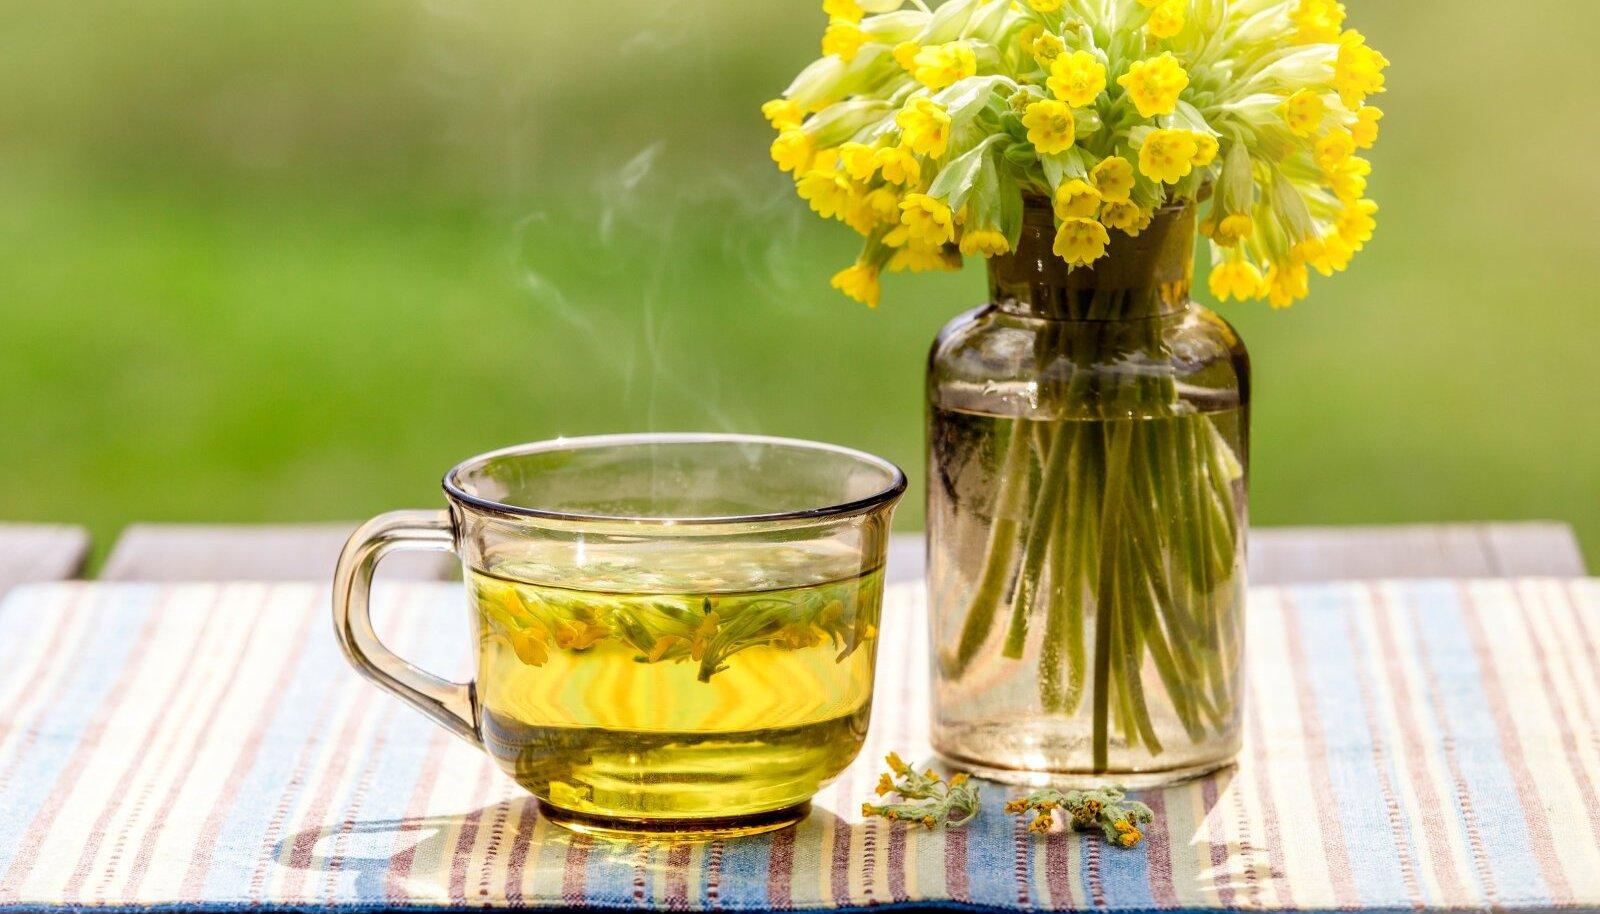 Nurmenukkudest võib maikuus teha kimpe või koguda nende vitamiinirikkaid õisi ja lehti tee tarvis.